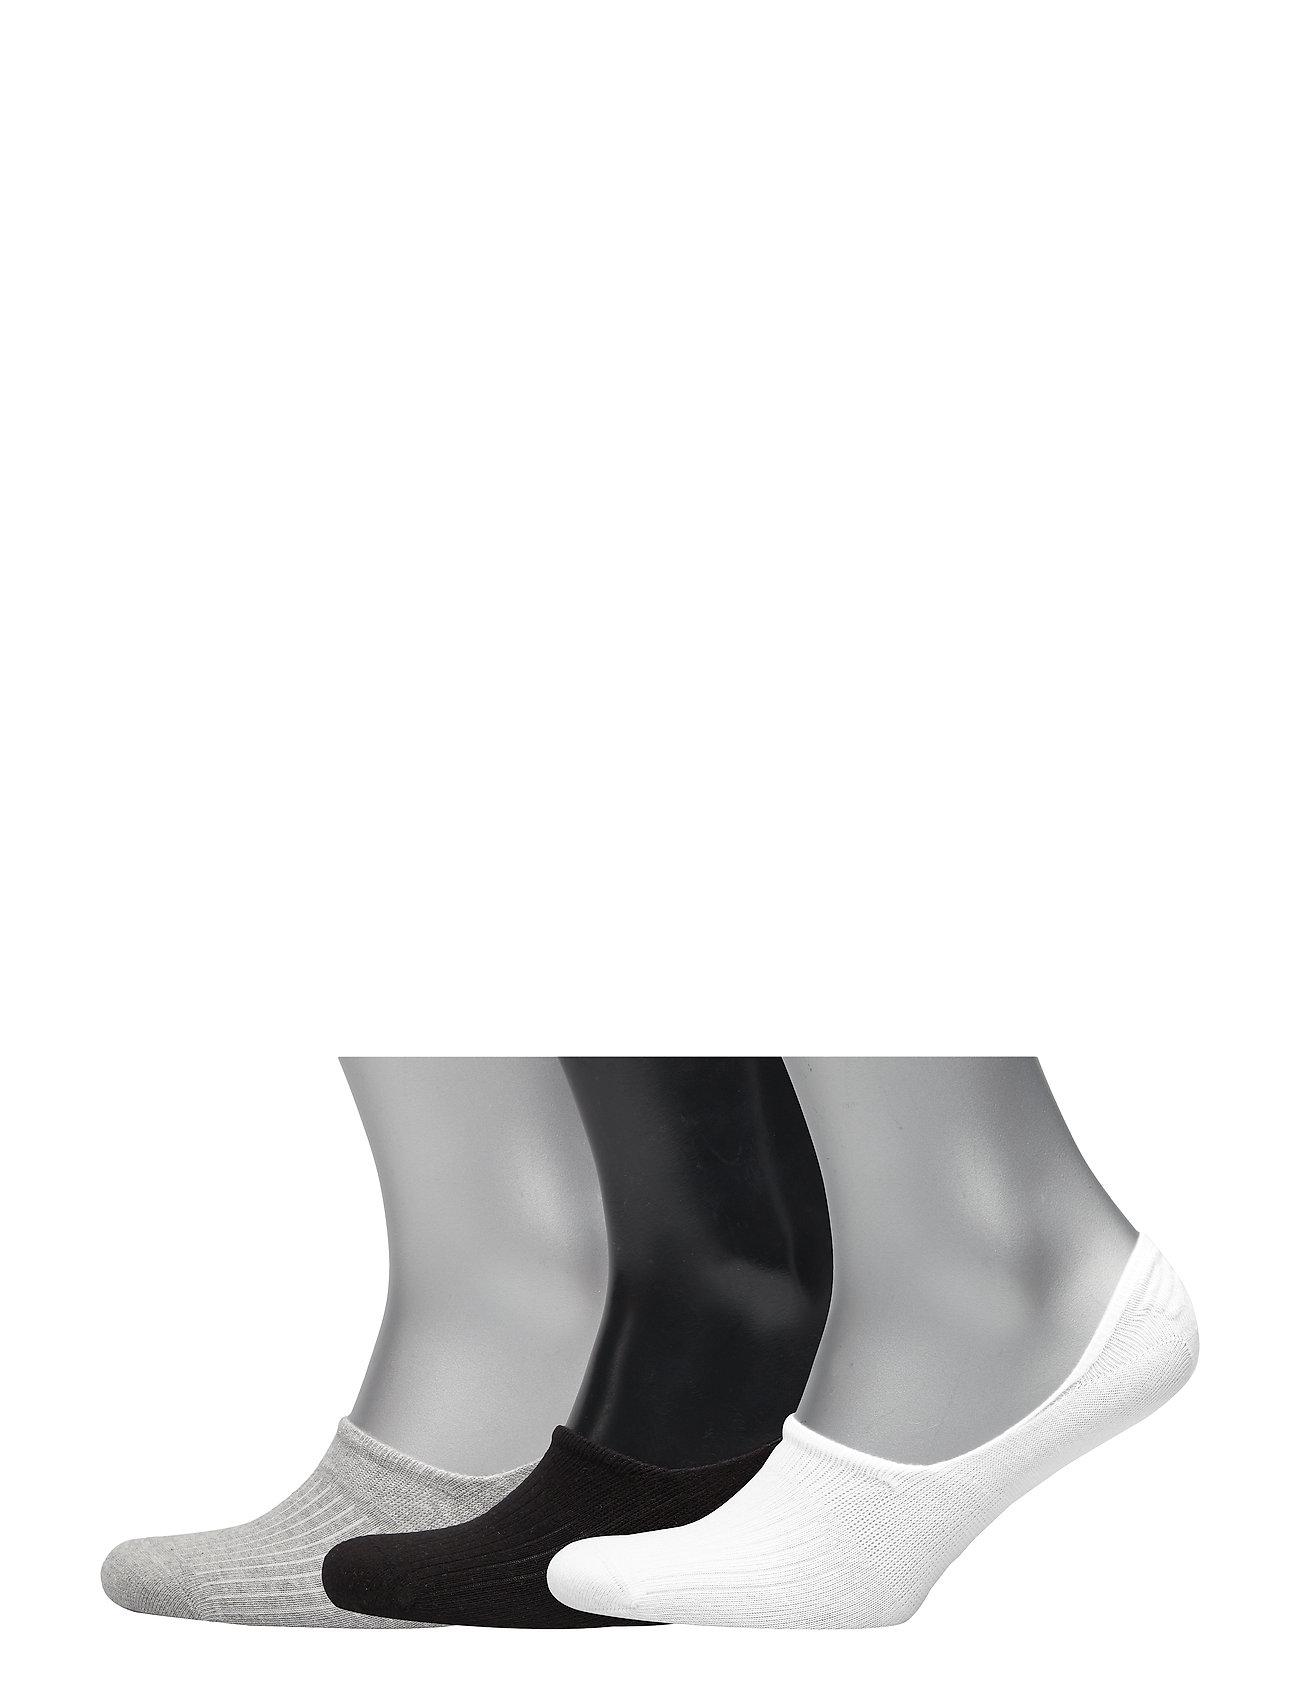 Decoy DECOY footlets cotton 3-pack - MULTI